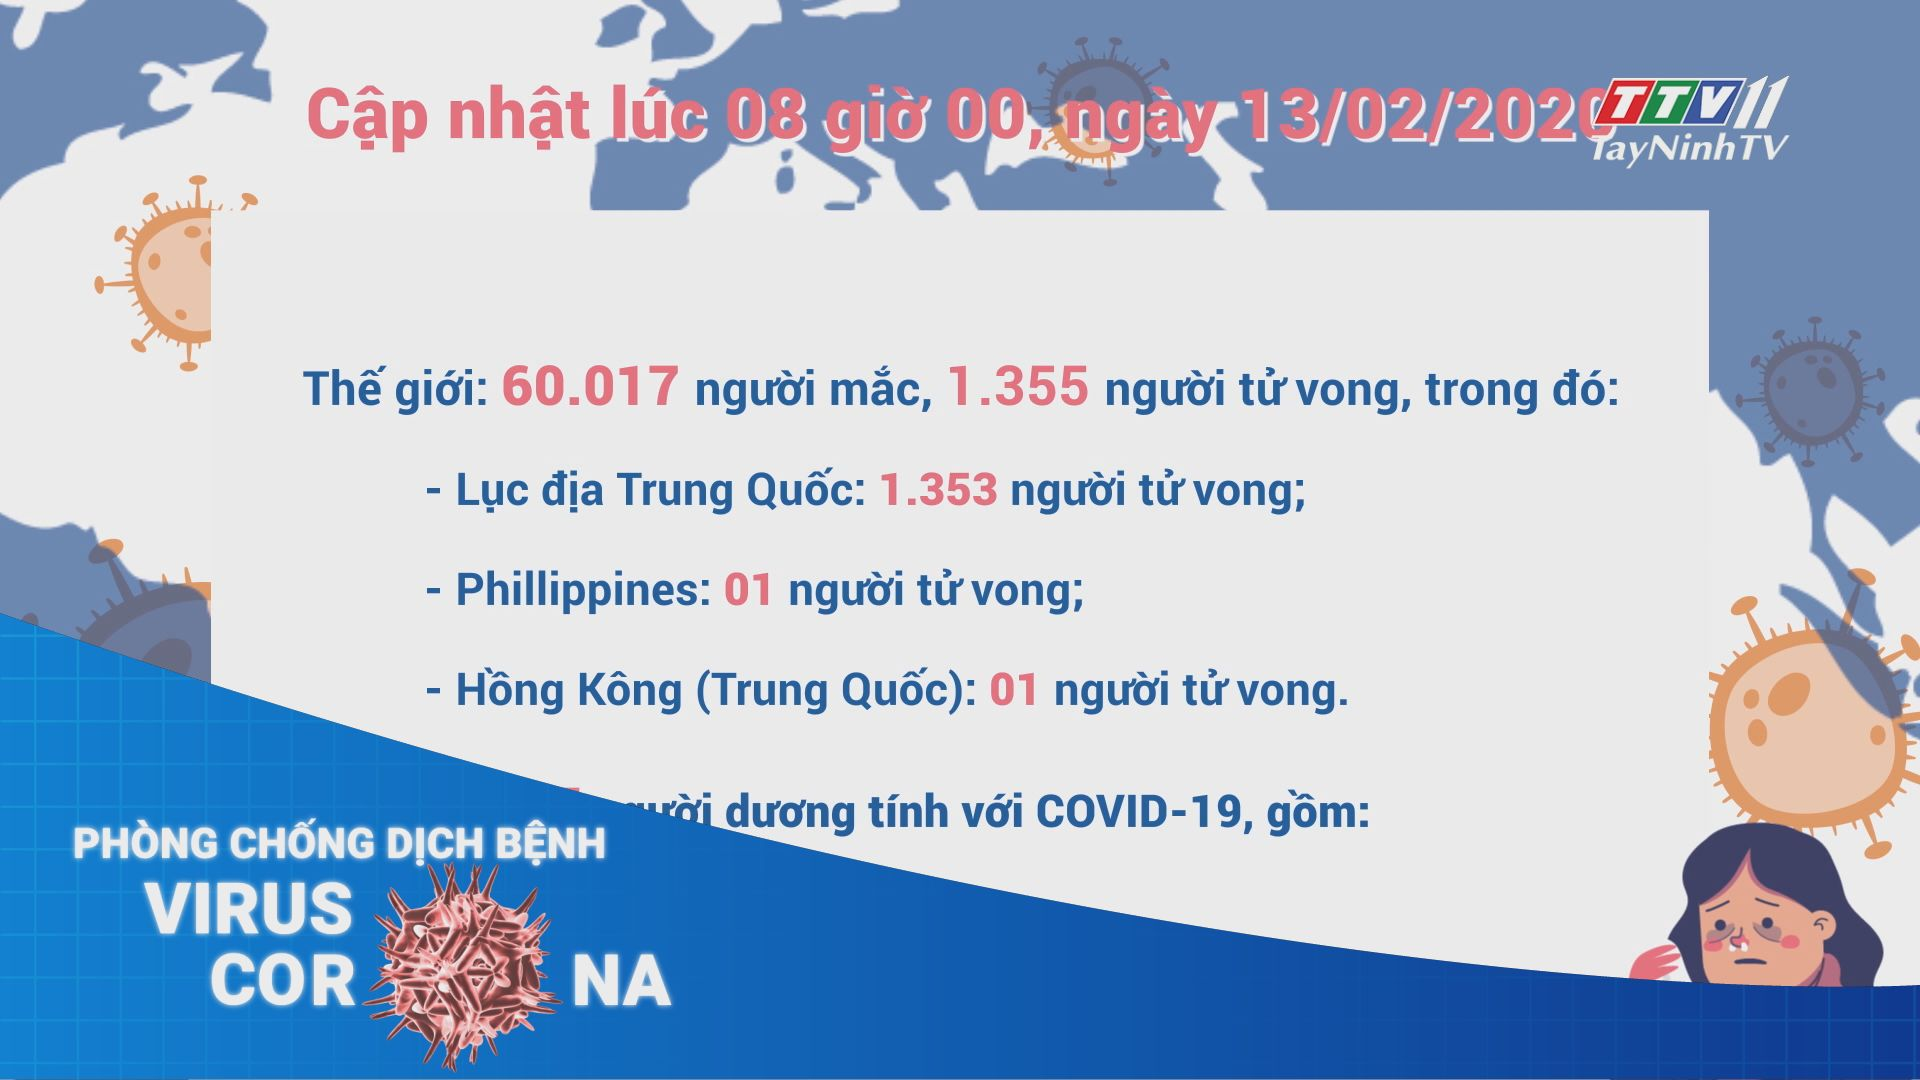 Cập nhật tình hình dịch Covid-19, đến 08 giờ 00, ngày 13/02/2020 | TayNinhTV